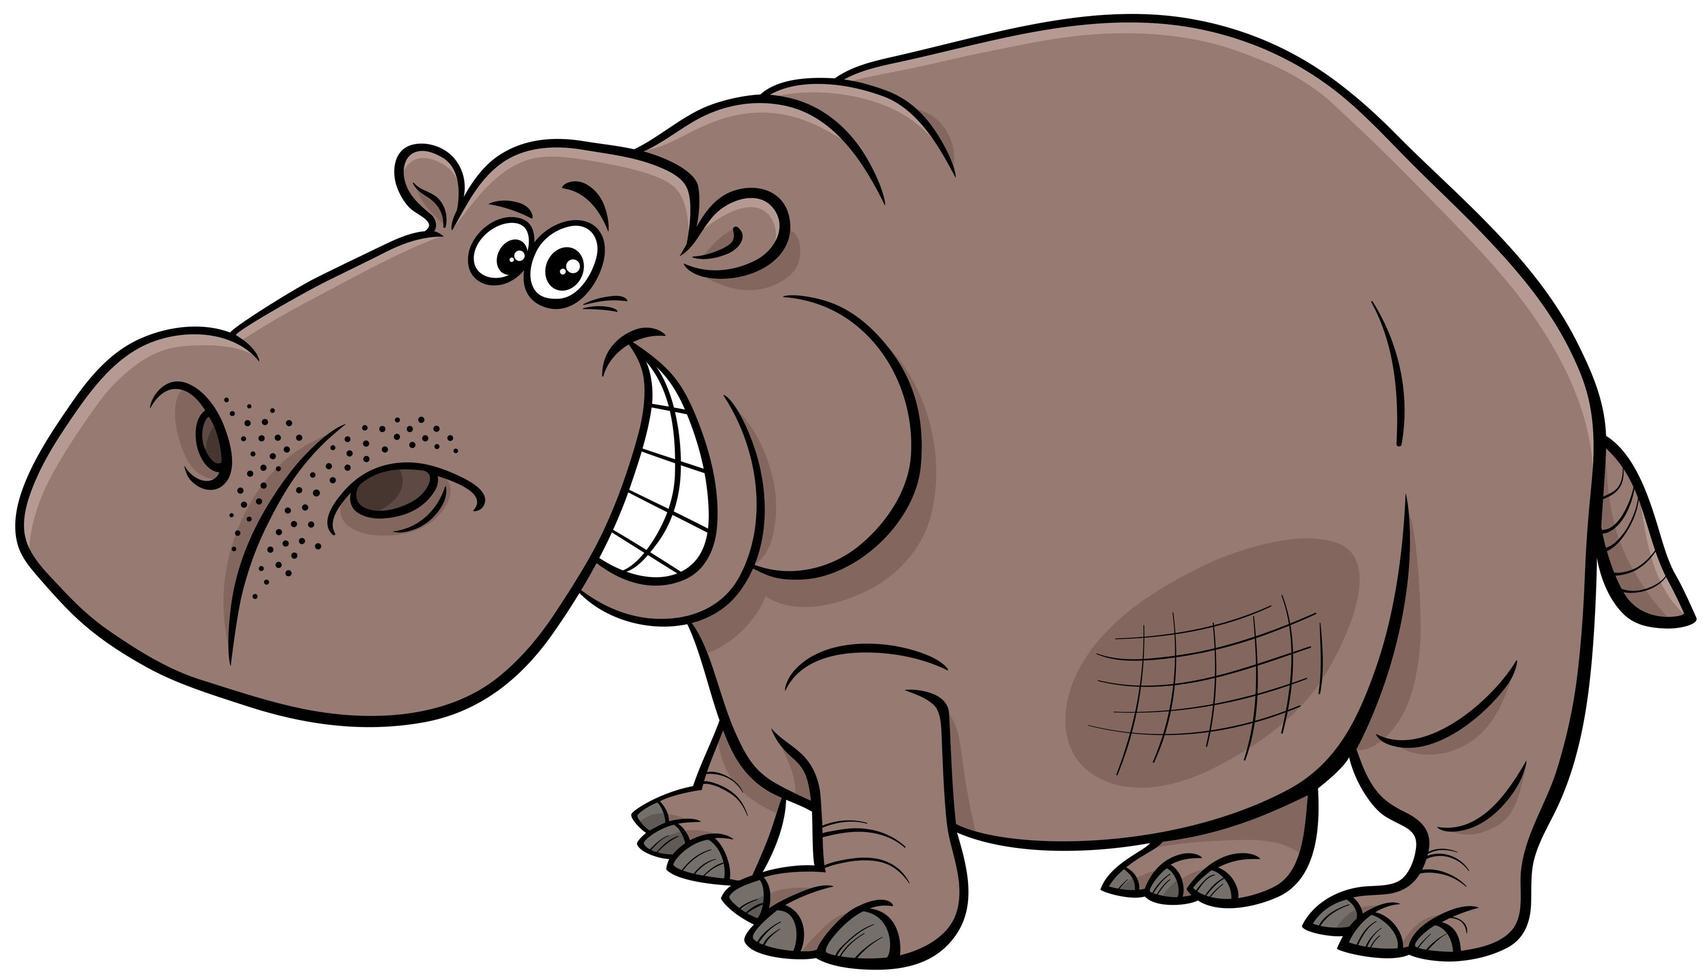 personaggio dei cartoni animati ippopotamo animale selvatico vettore